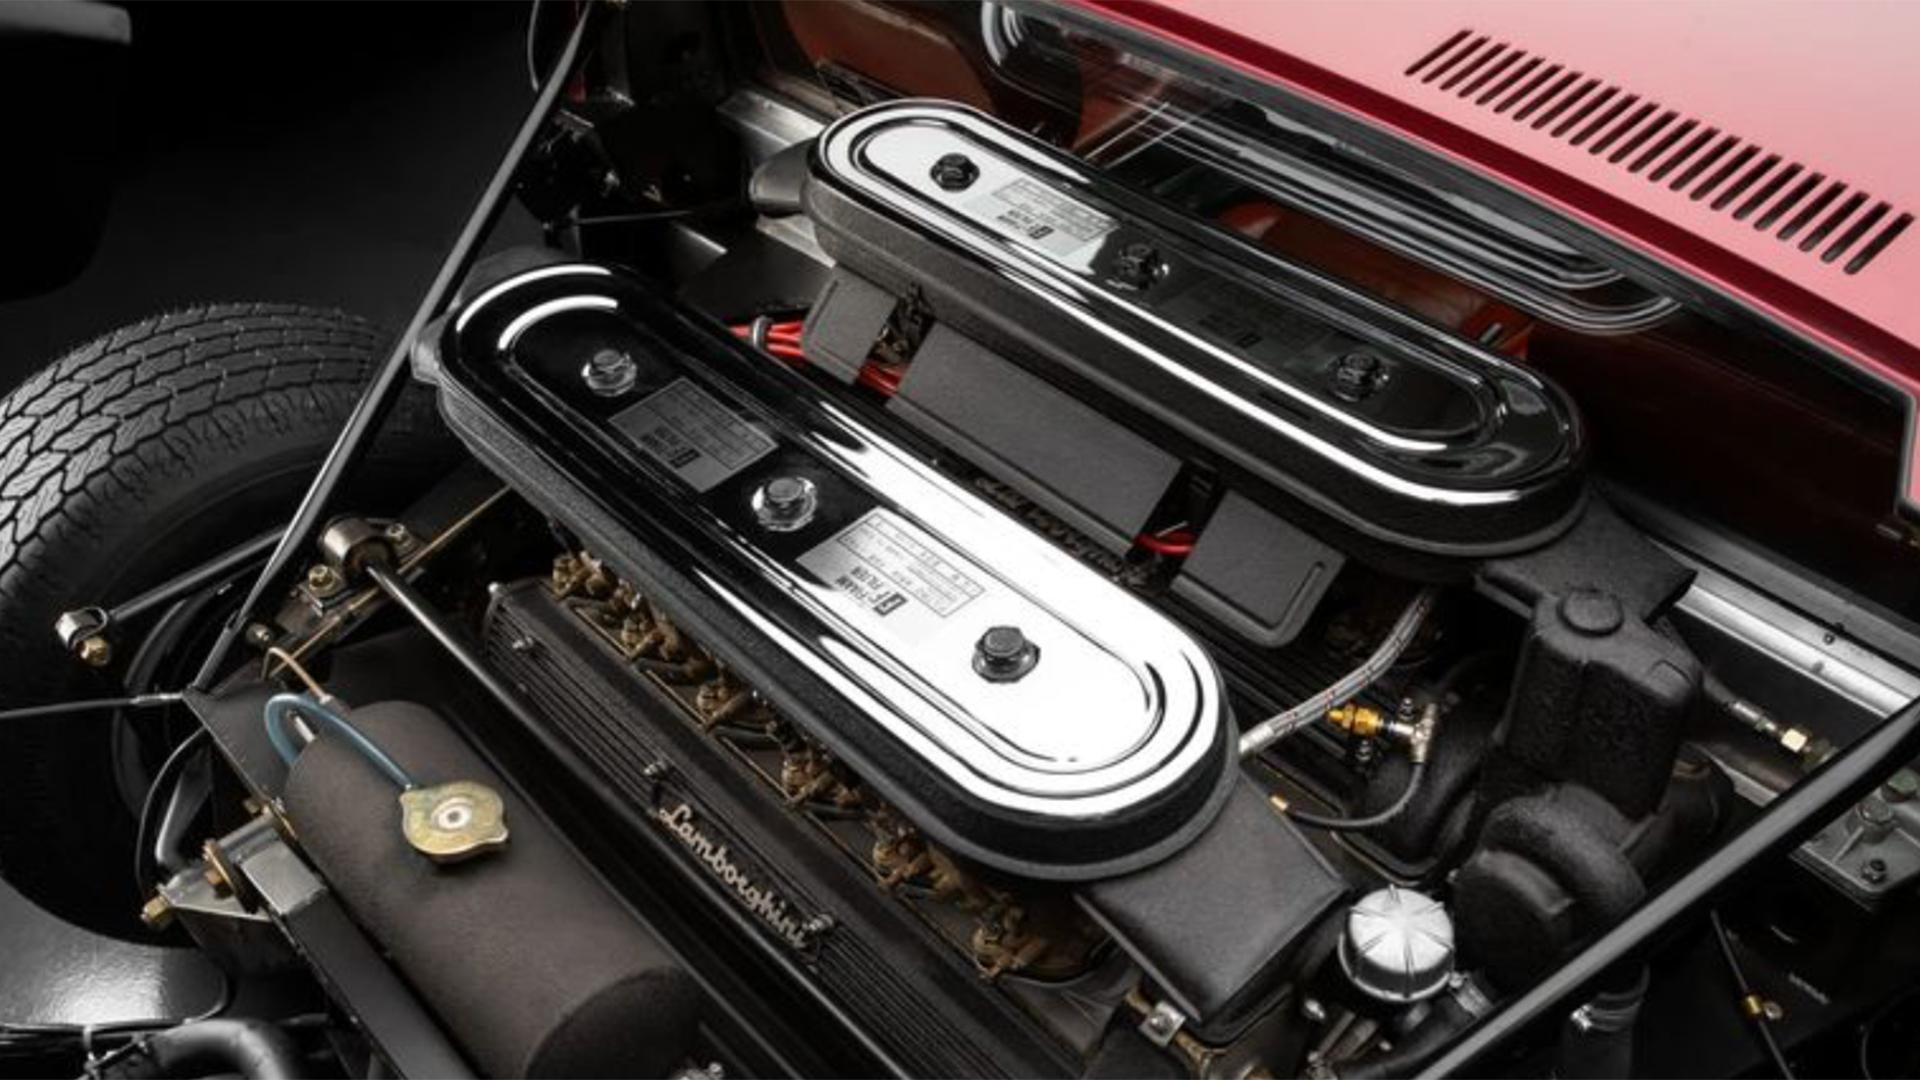 Lamborghini Miura SVJ motor